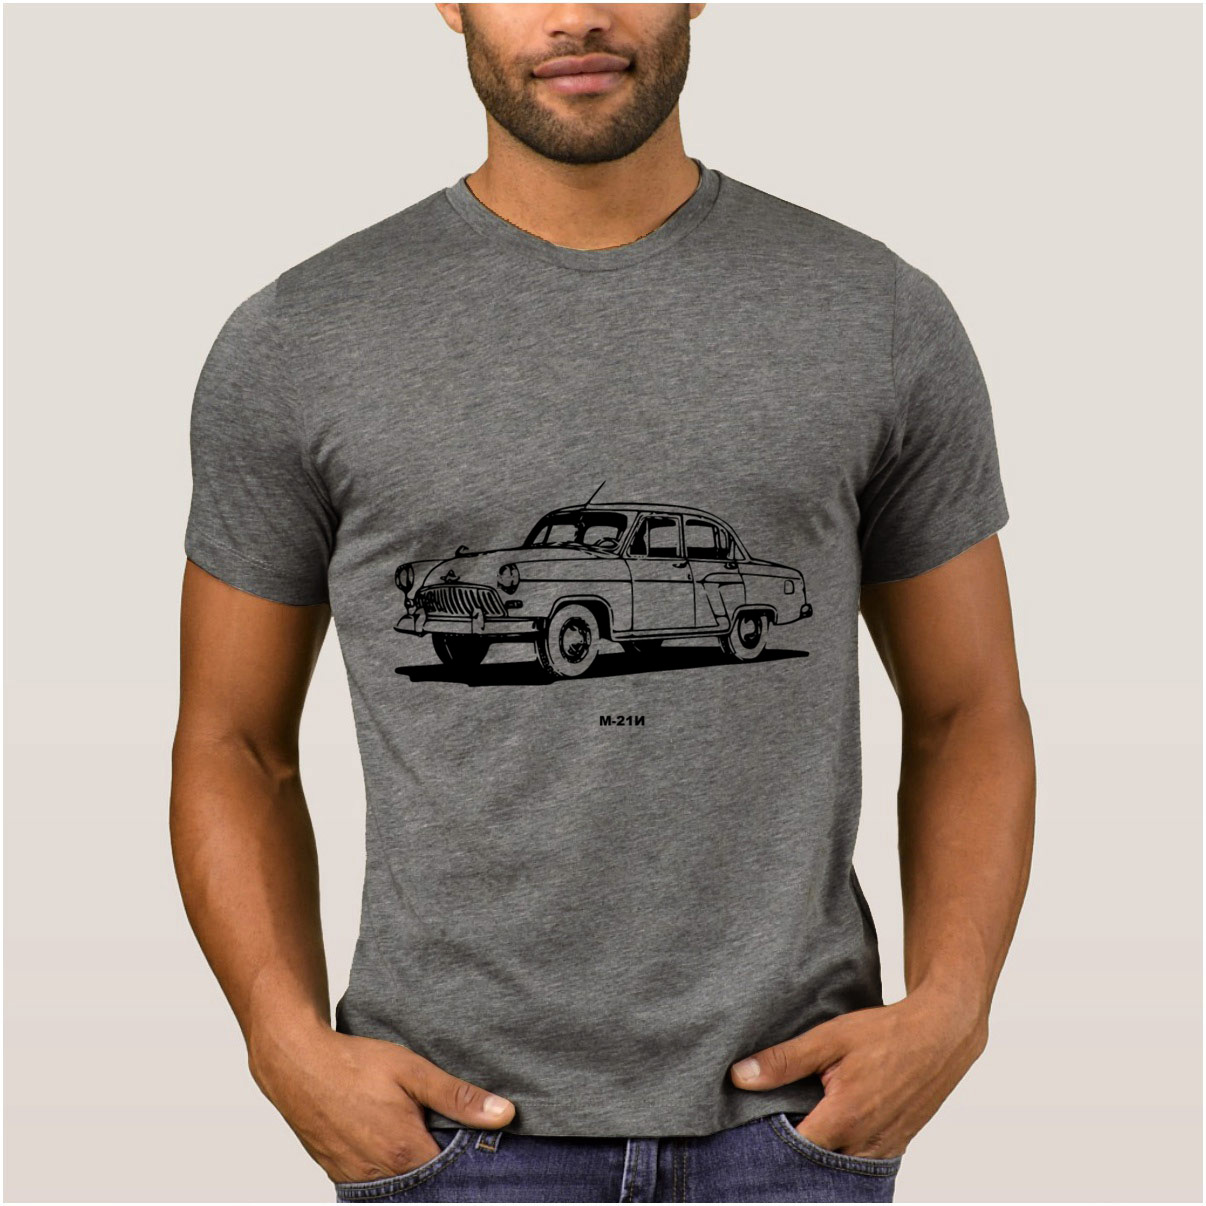 La Maxpa Entwicklung beste herren t-shirt gaz 21 volga auto t-shirt herren Frühling Herbst Vintage t shirt männer slim günstige